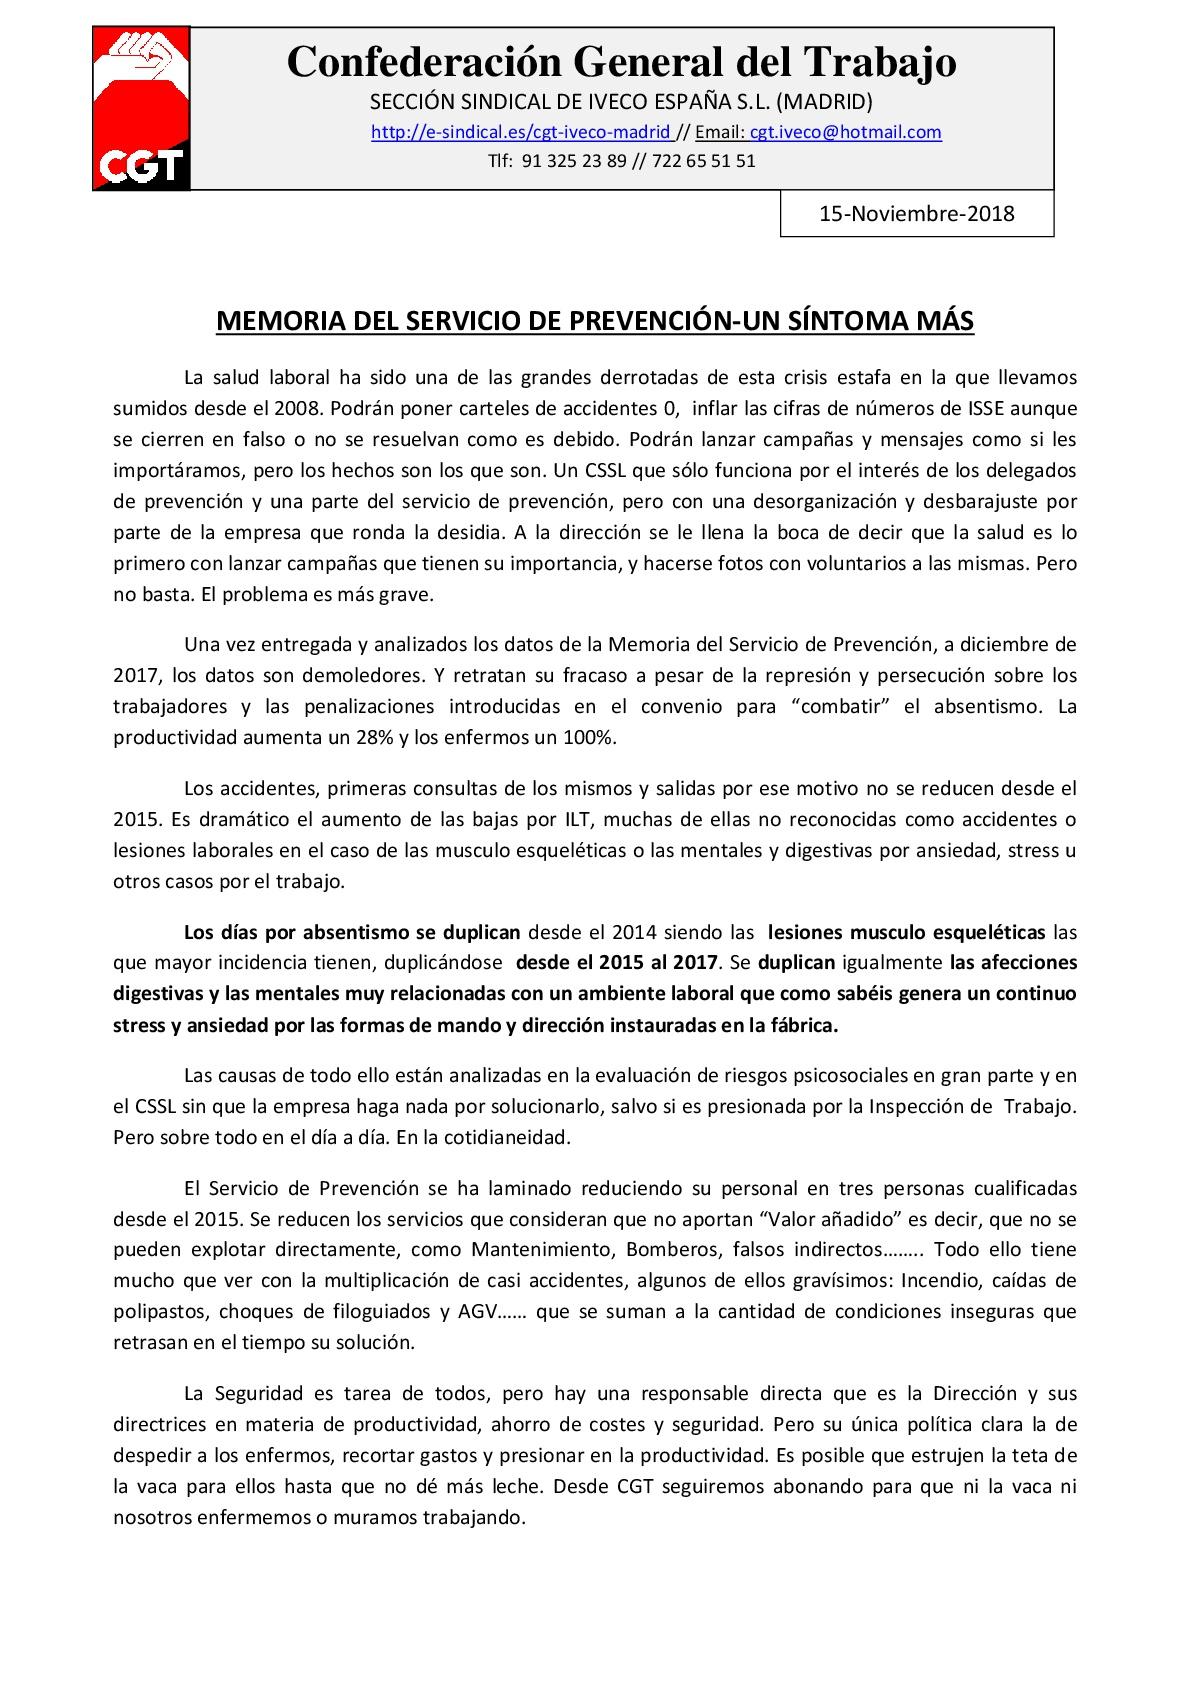 MEMORIA DEL SERVICIO DE PREVENCIÓN- UN SÍNTOMA MÁS-001